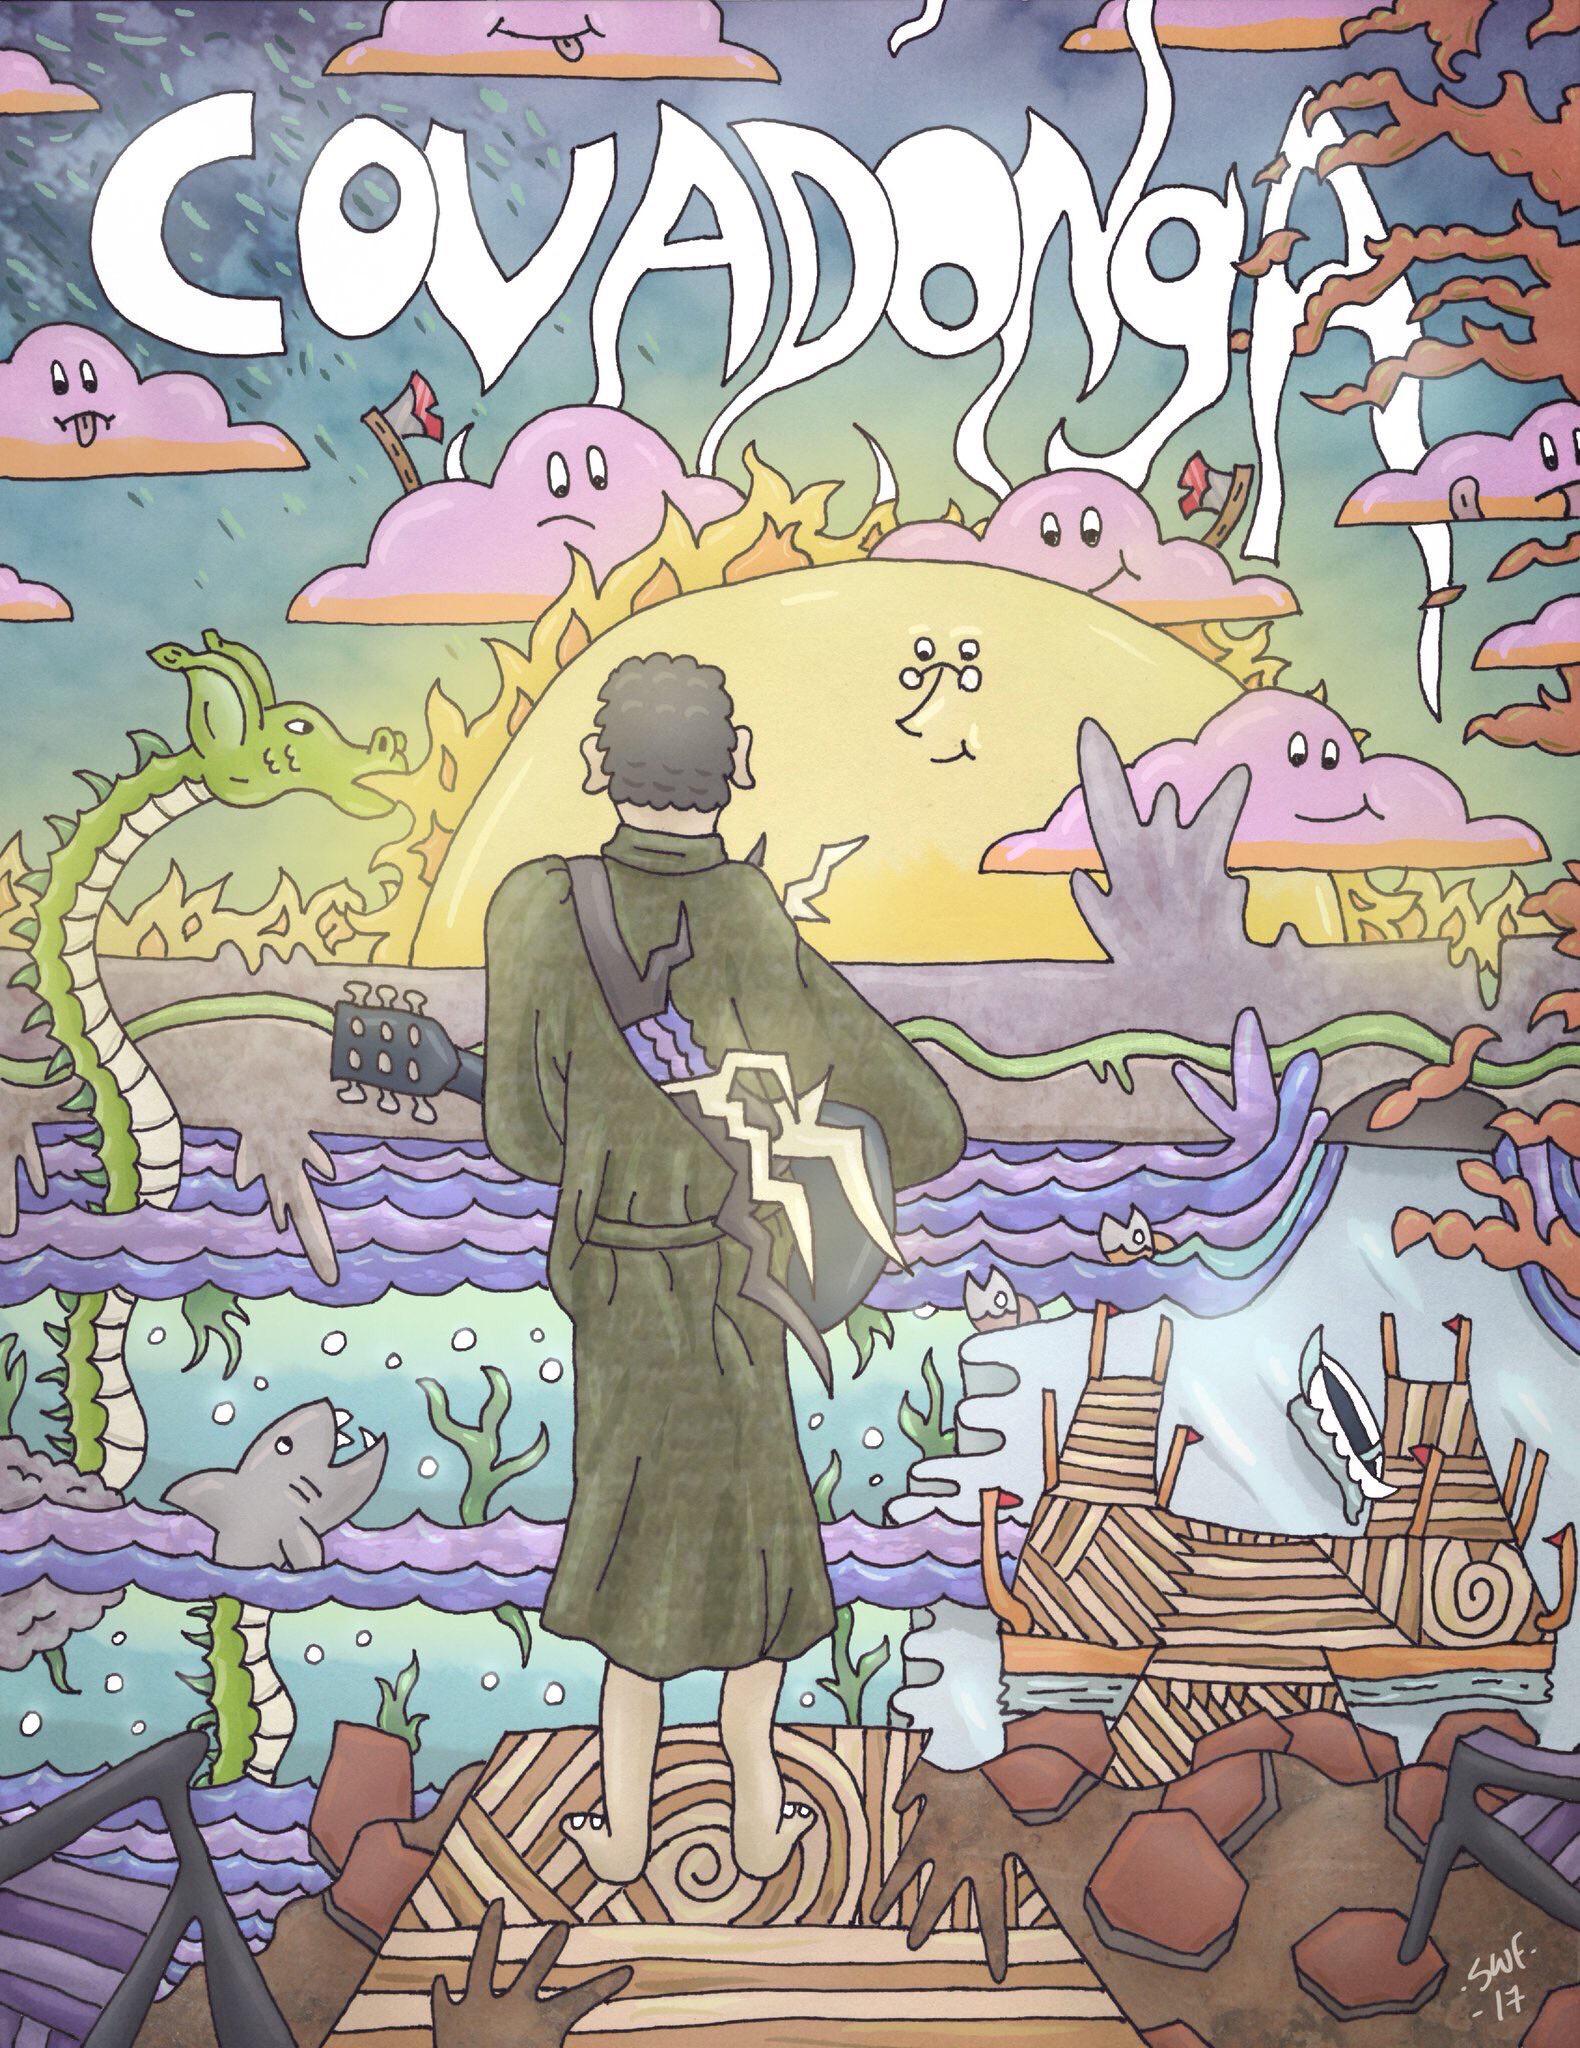 Covadonga_Poster.jpg